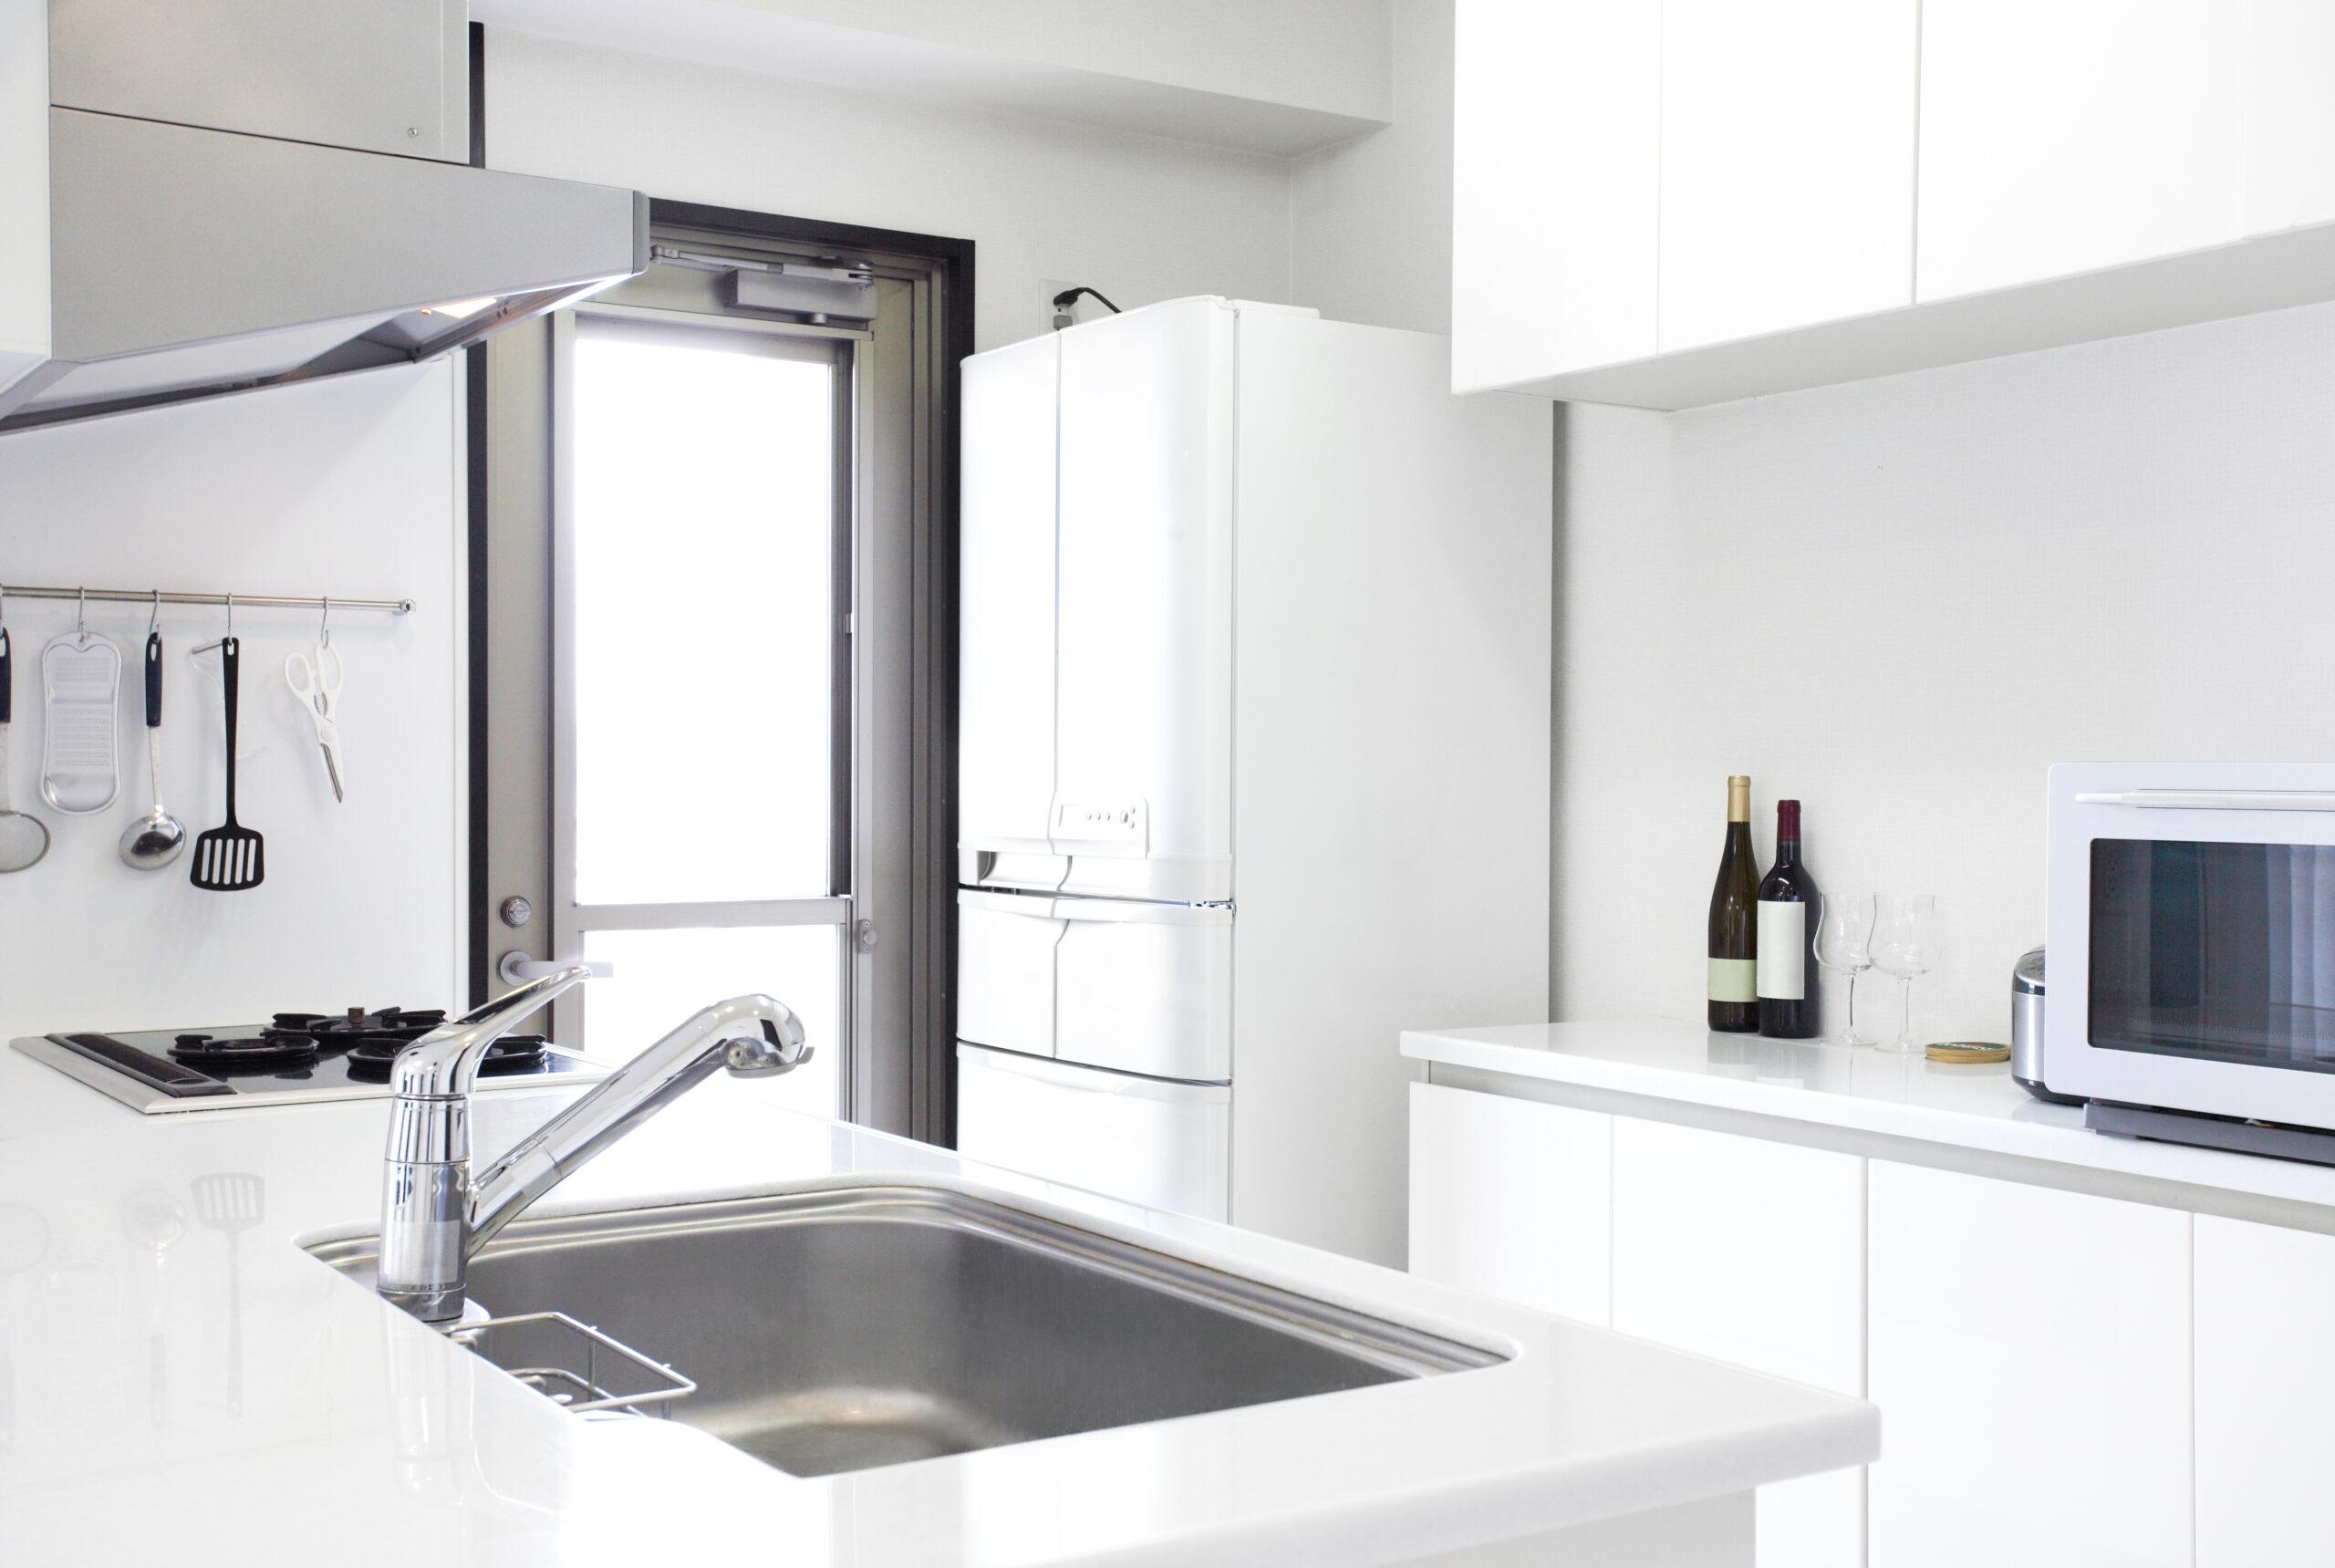 賃貸物件のキッチンリフォーム-空室対策に効果的な方法と費用例